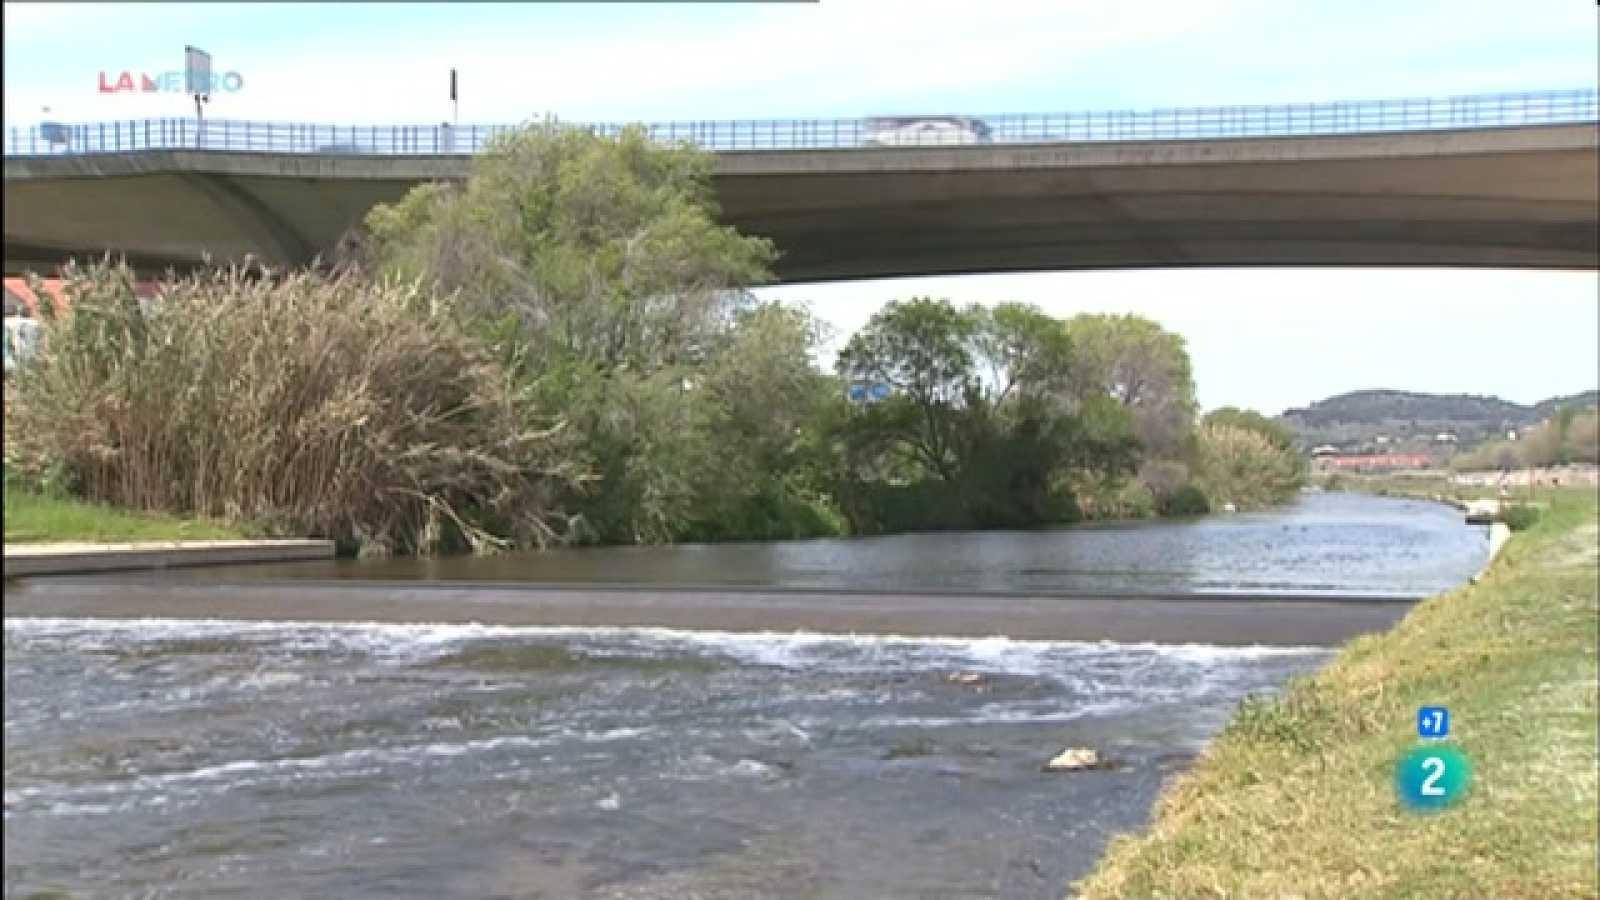 Expliquem els plans que hi ha per preservar i millorar la biodiversitat al riu Besòs